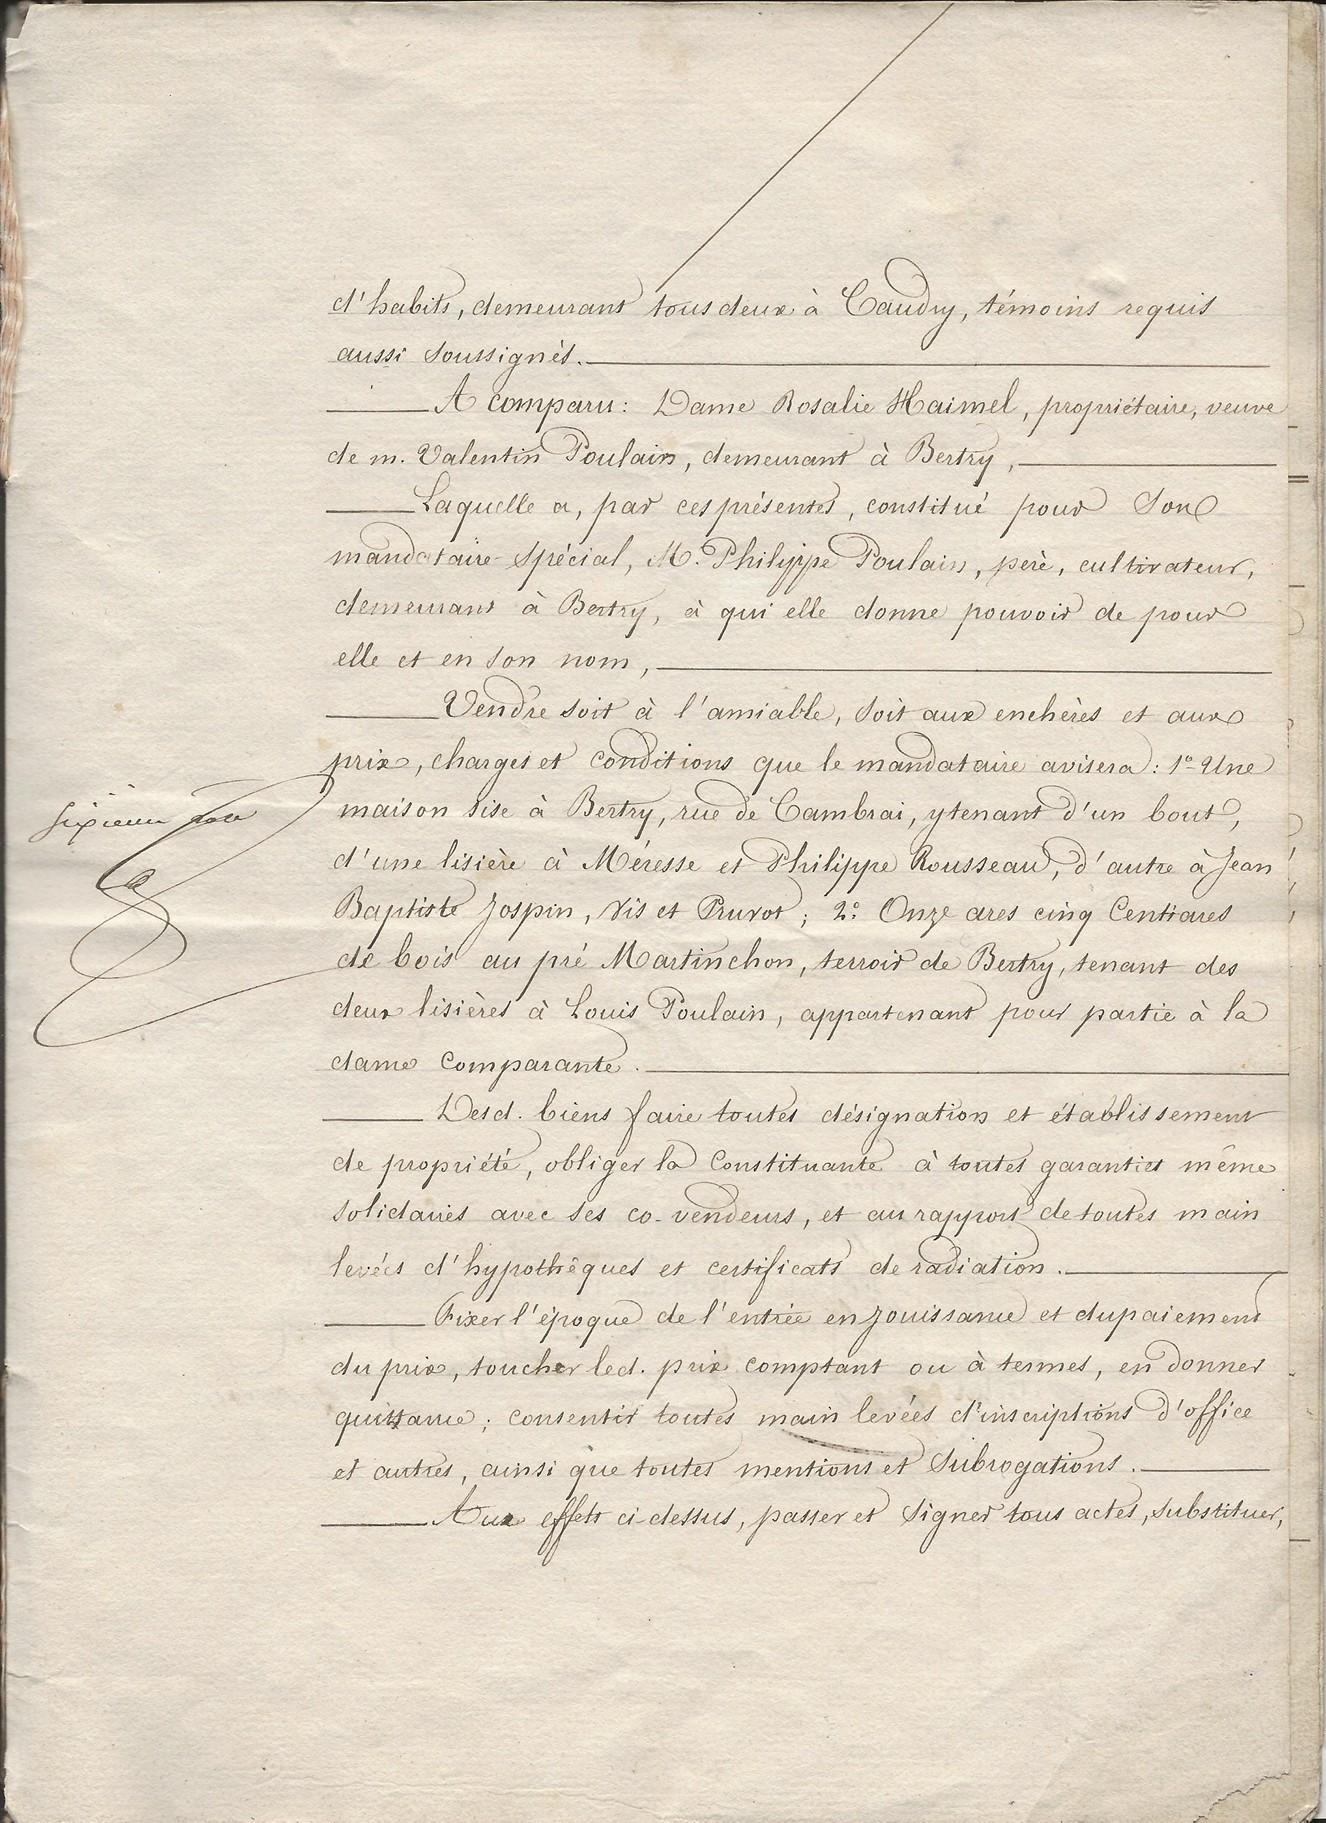 1854 vente vve et heritiers poulain a jospin 011